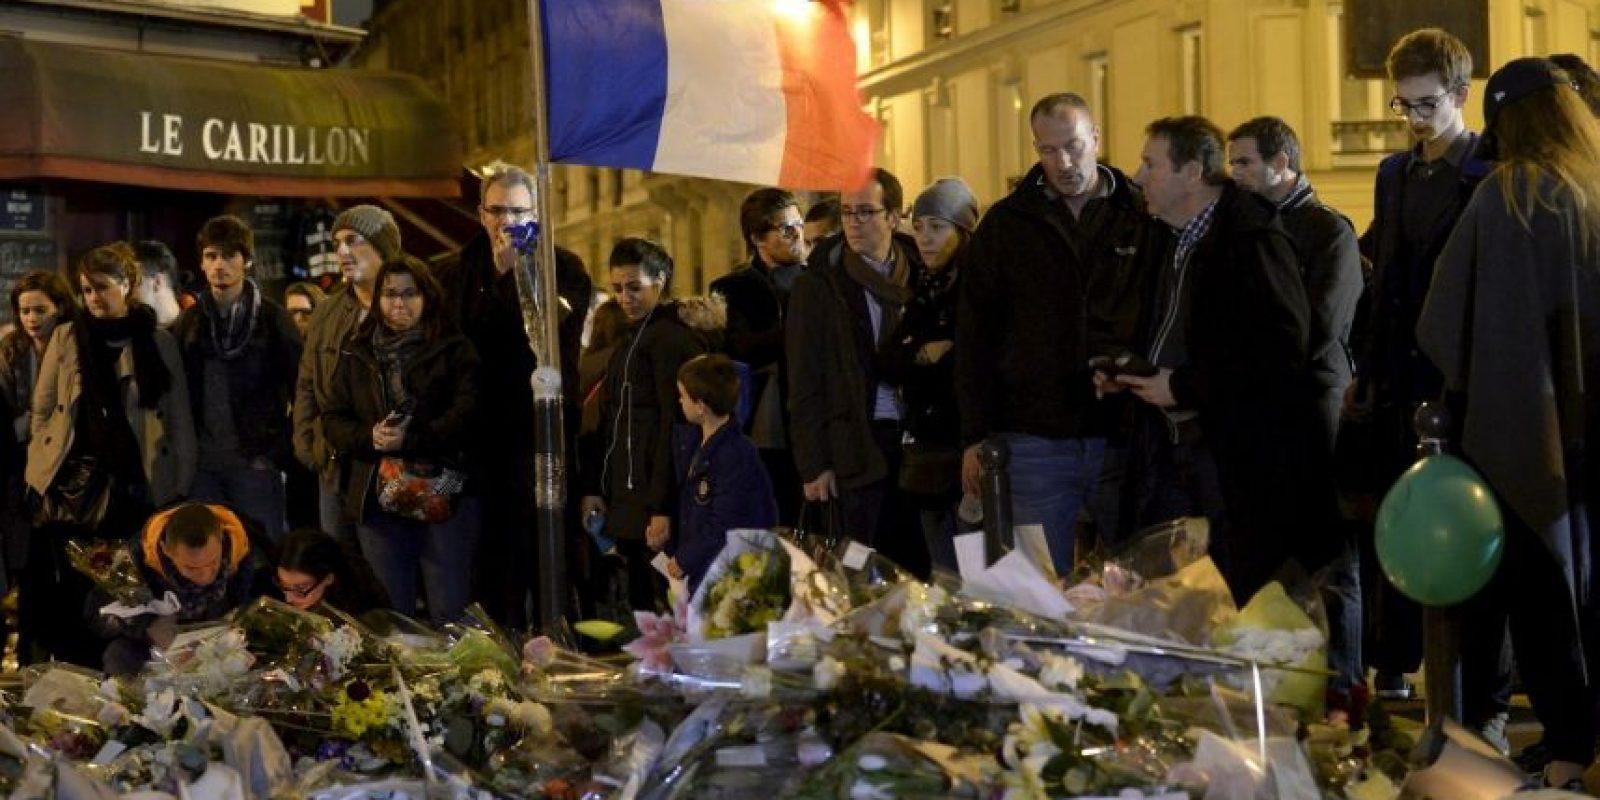 """El lugar se trataba de una pizzería de acuerdo con el periódico británico """"The Guardian"""" Foto:AFP"""